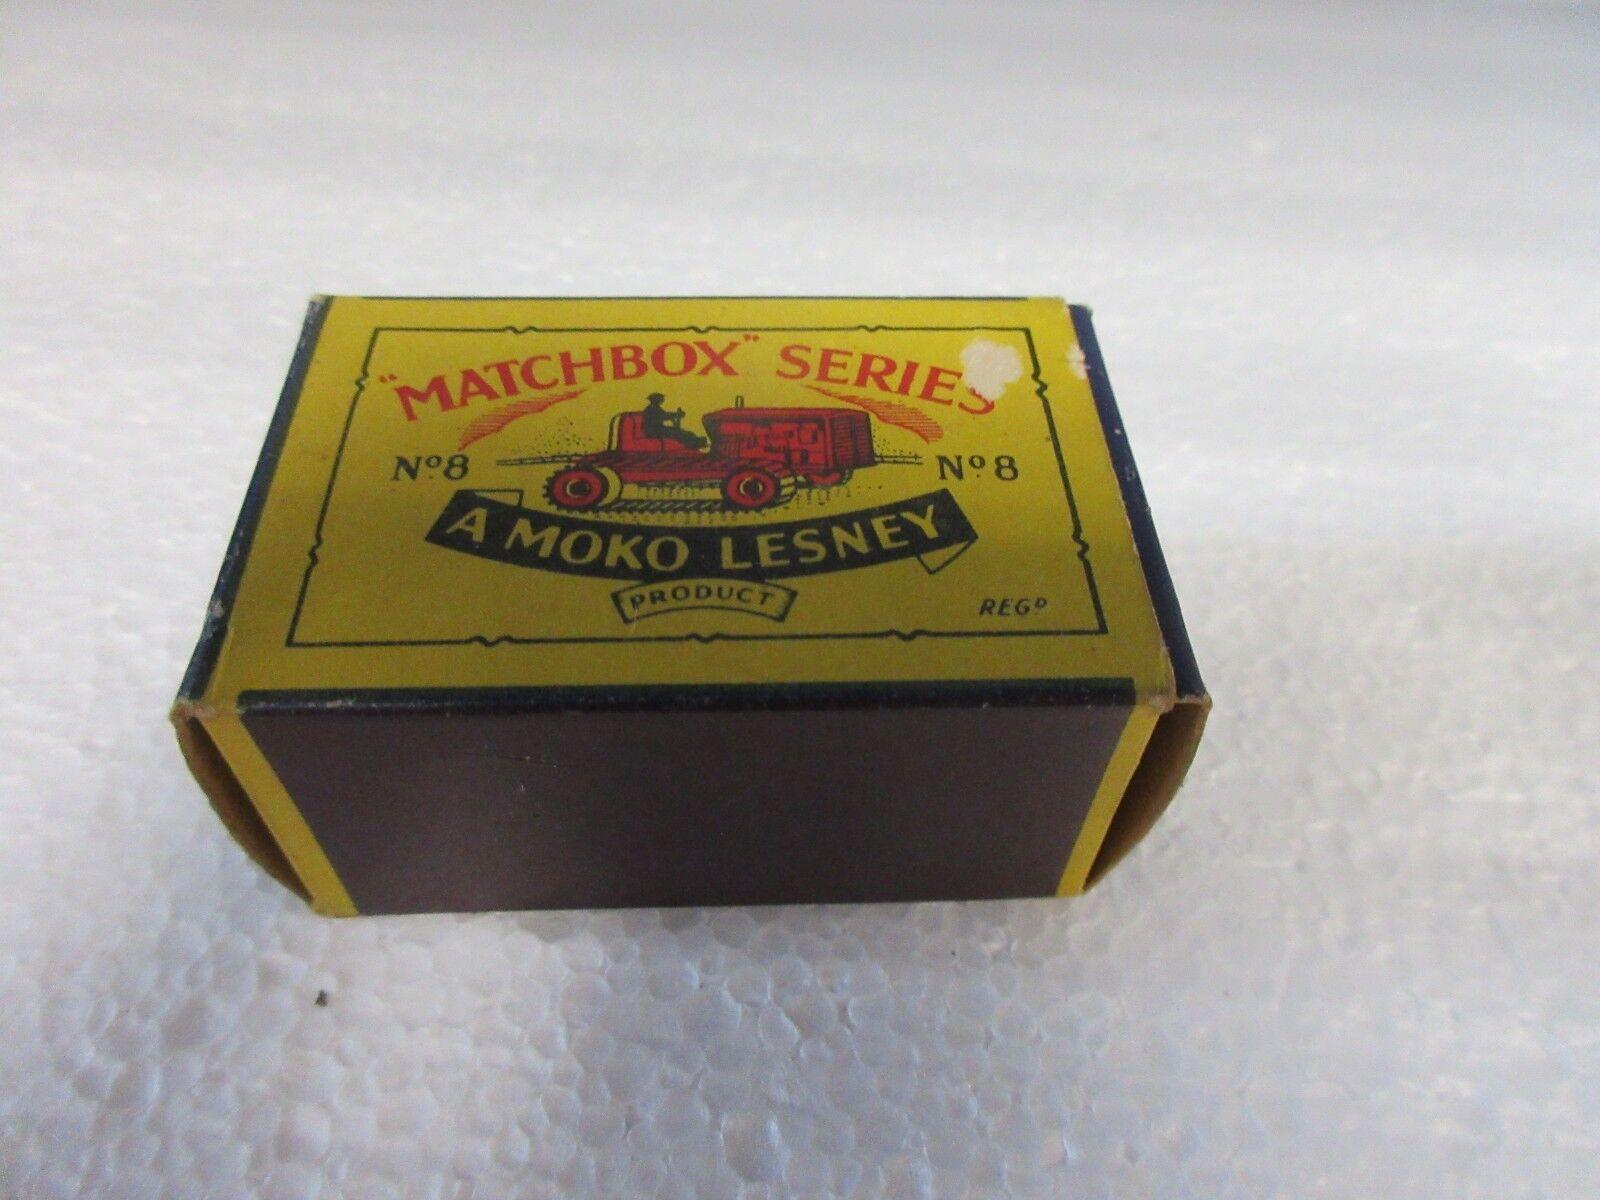 Die moko lesney produkt matchbox - serie   8.